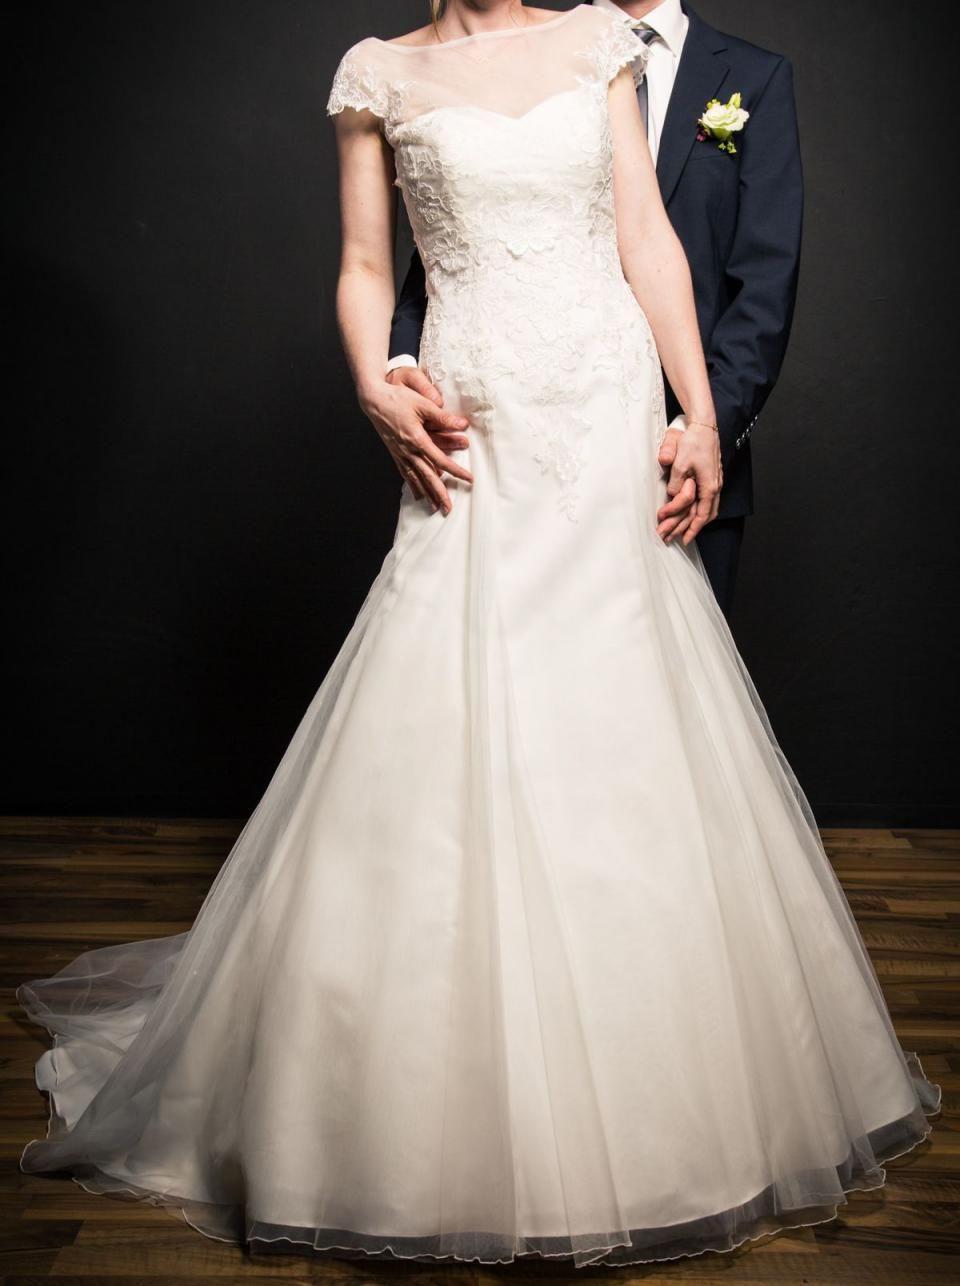 Bild 6  Alles Für Die Hochzeit  Brautkleid 36 Elfenbein